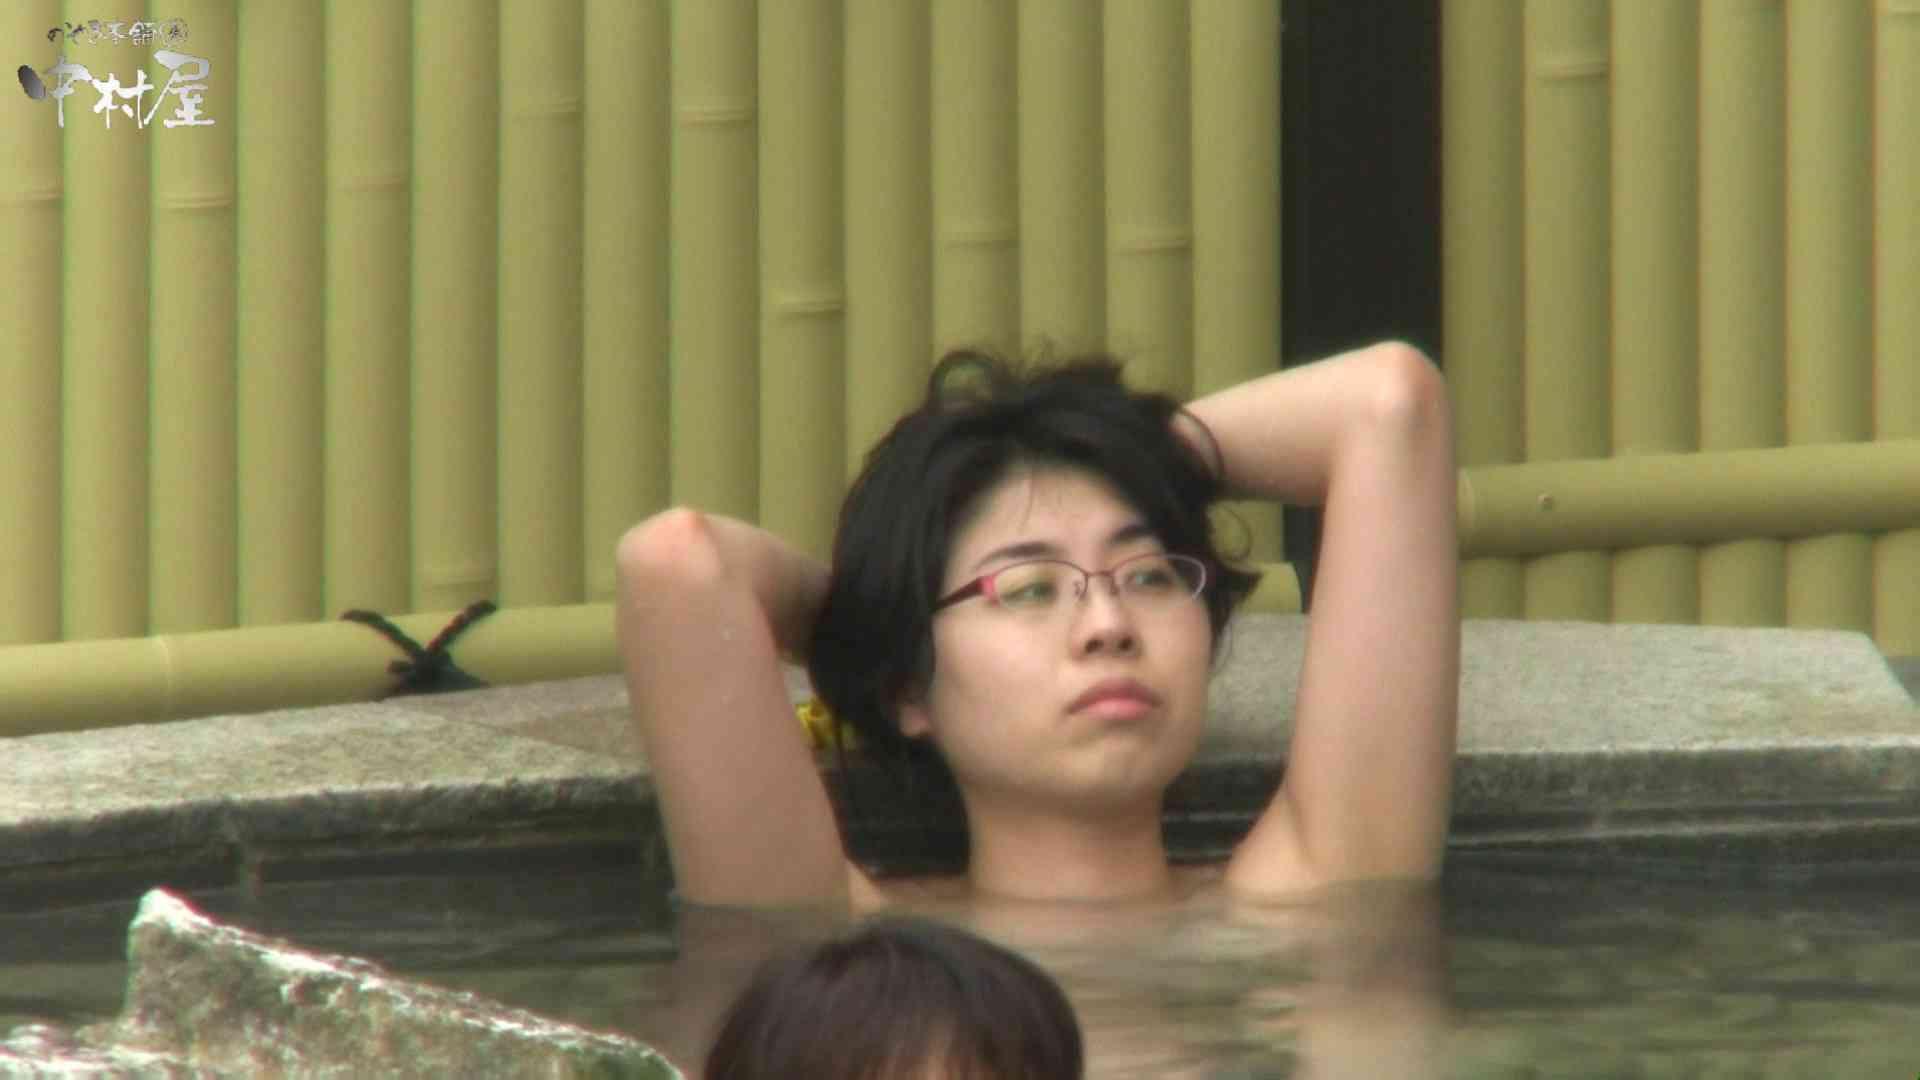 Aquaな露天風呂Vol.947 OLハメ撮り  61Pix 48